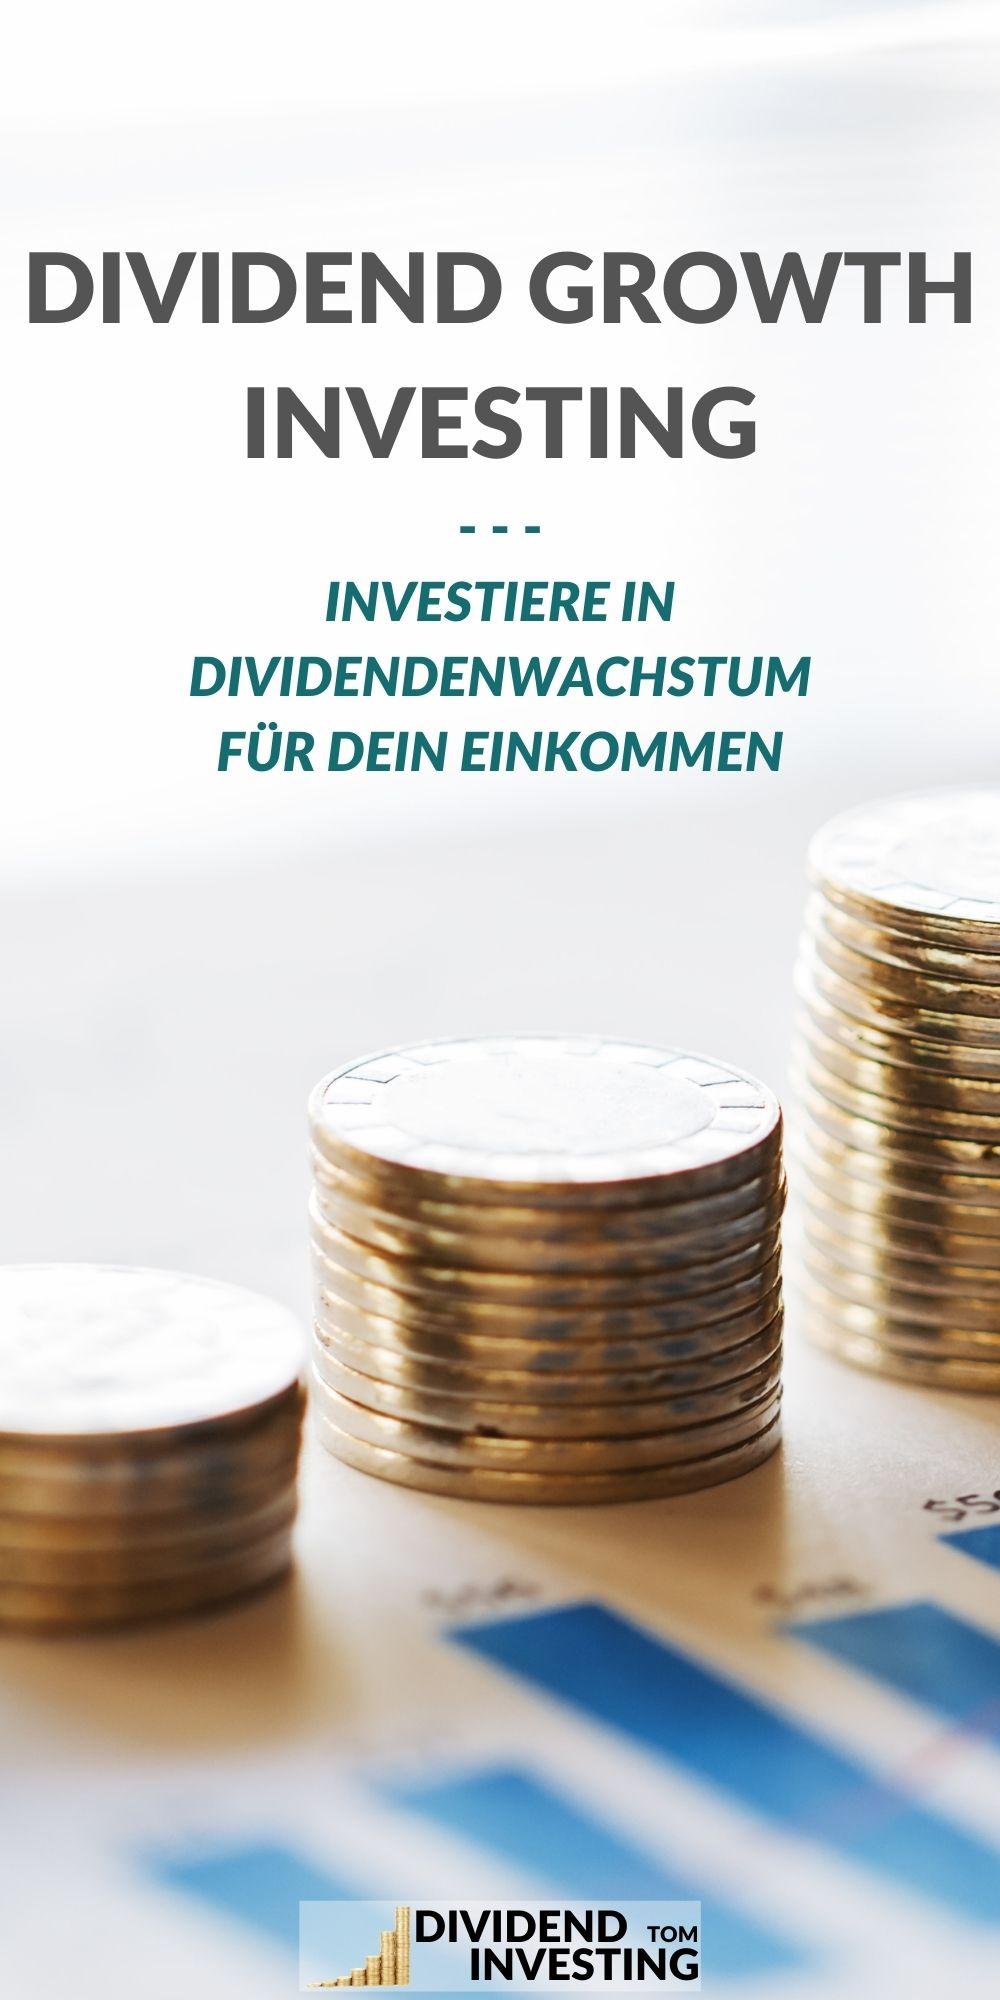 Einkommenskonzept Dividend Growth Investing